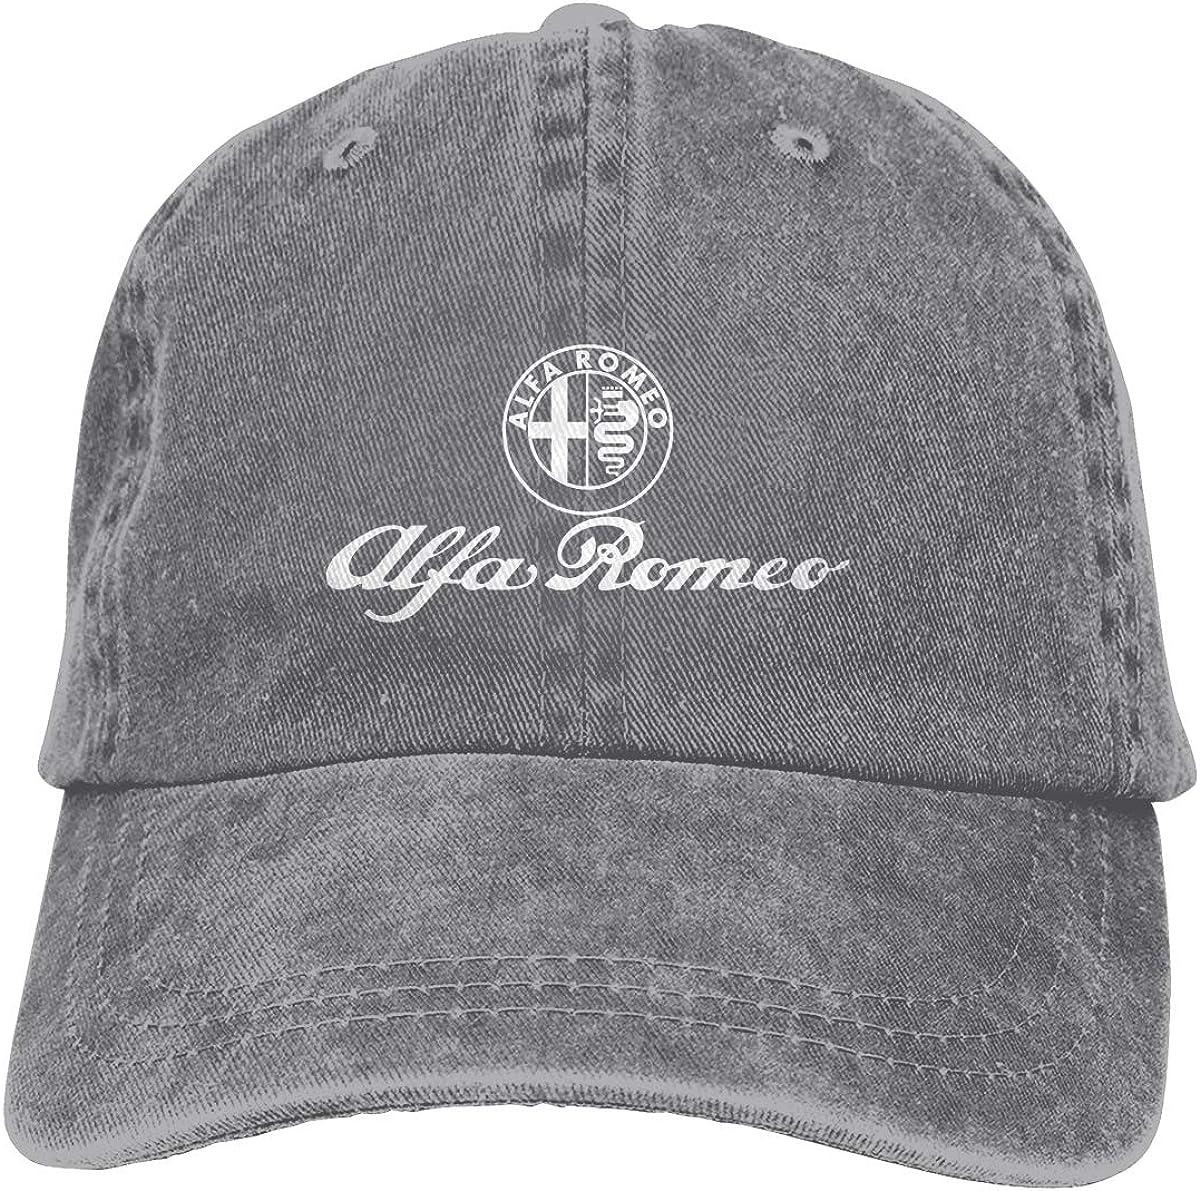 Runxindianzi Customized Aufkleber Alfa Romeo Funny Hat Cap for Men Black